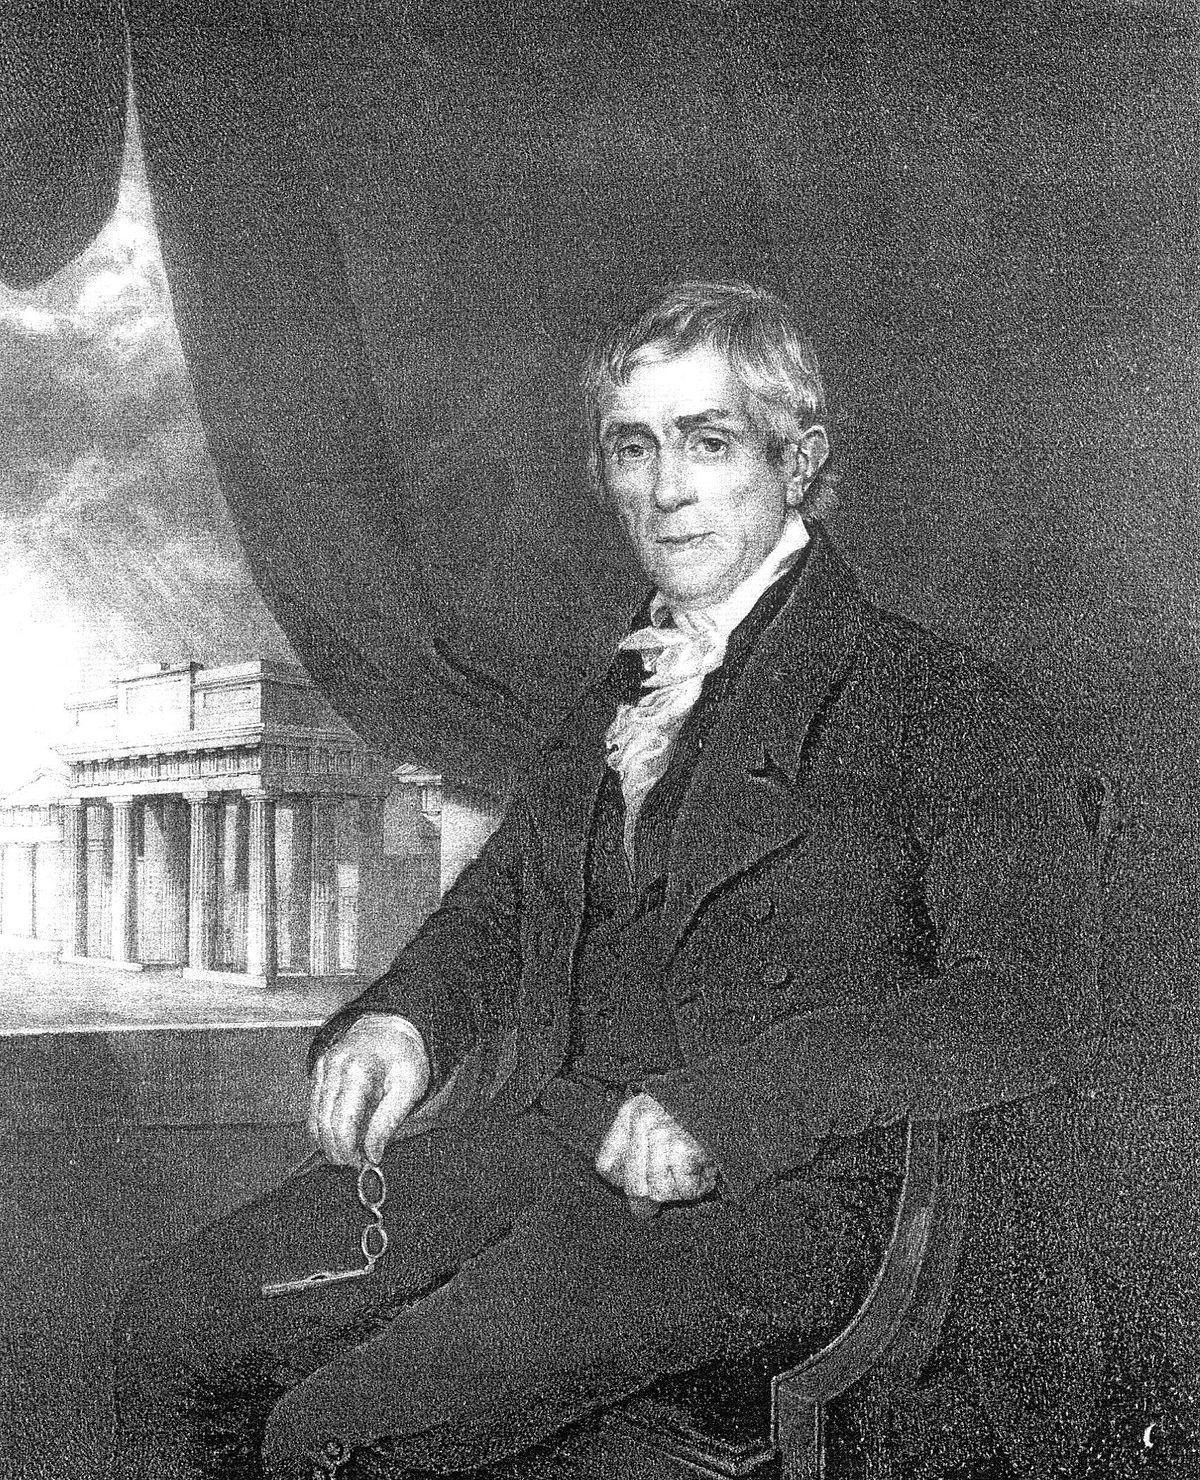 Thomas harrison architect wikipedia for Harrison architects